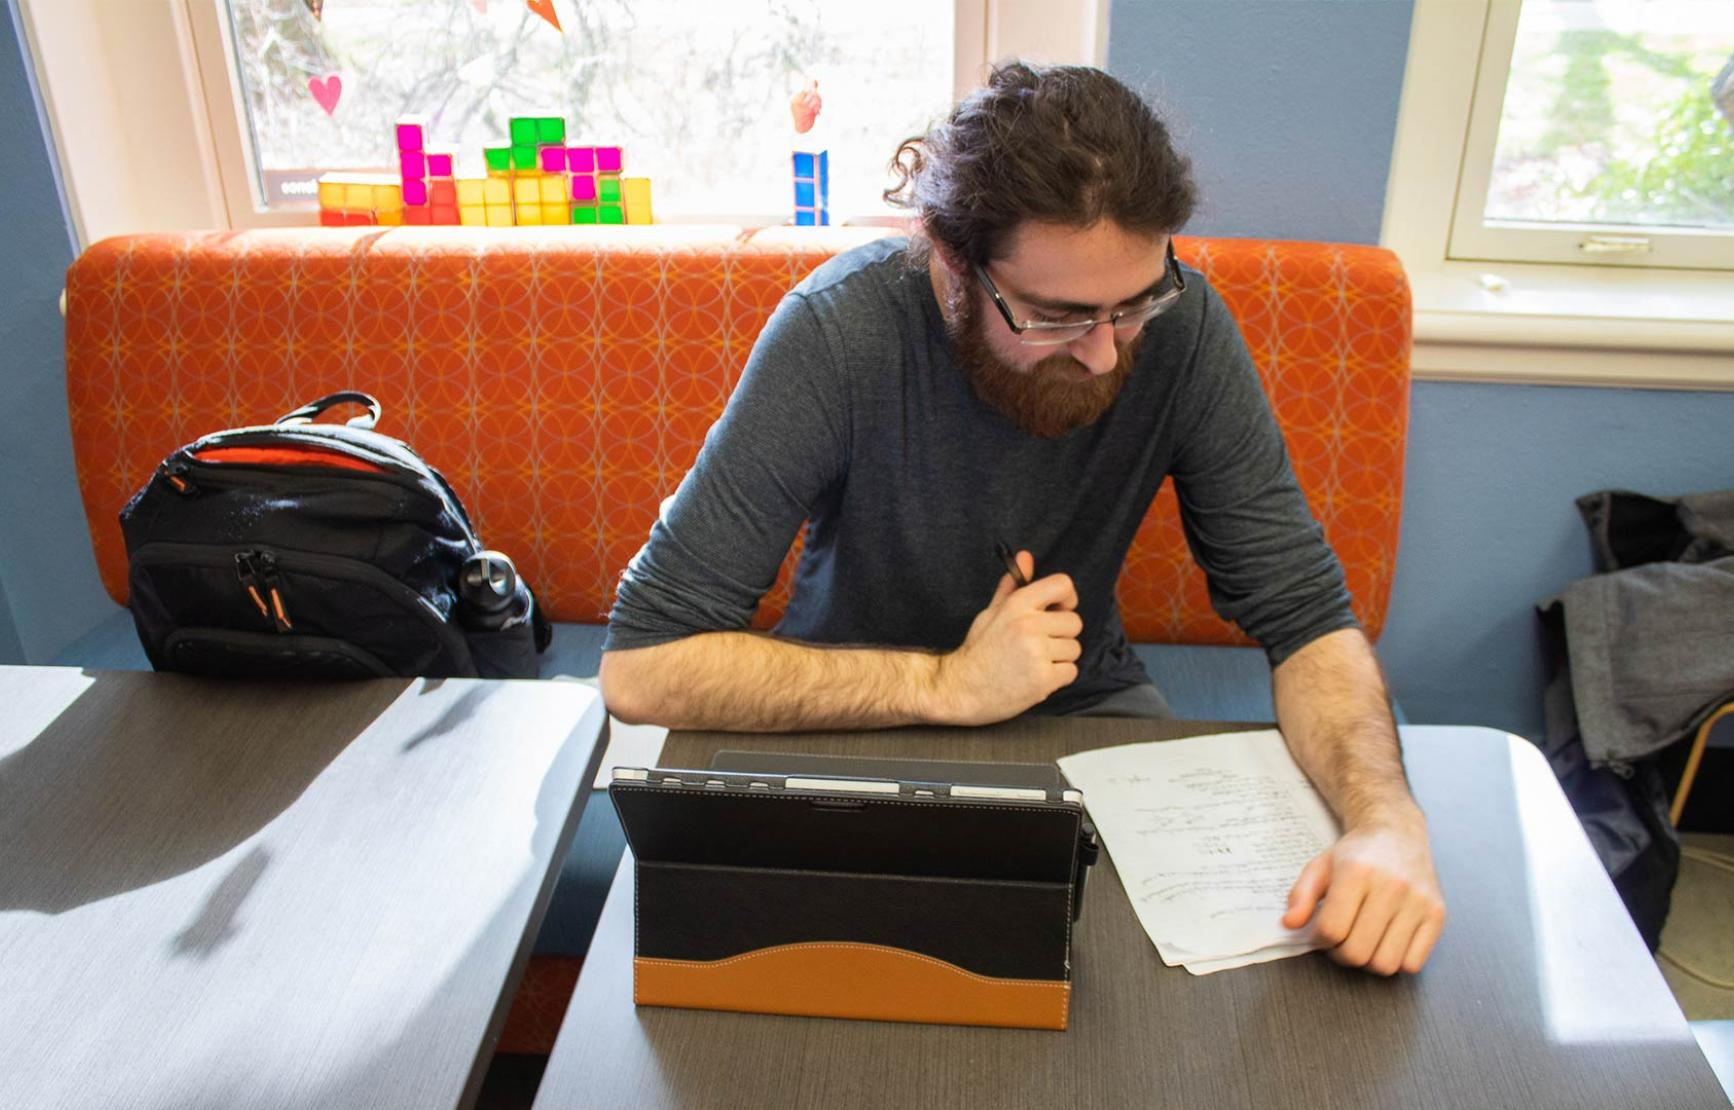 Steve Dobrioglio working on homework in the science success center